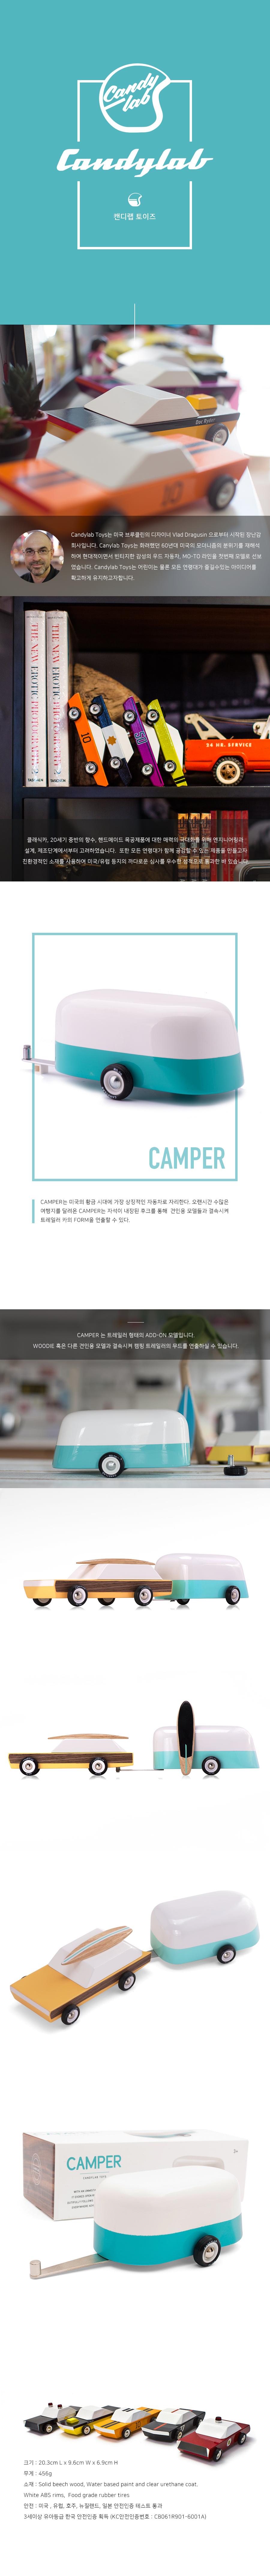 캔디랩토이즈(CANDYLABTOYS) [캔디랩토이즈] CAMPER